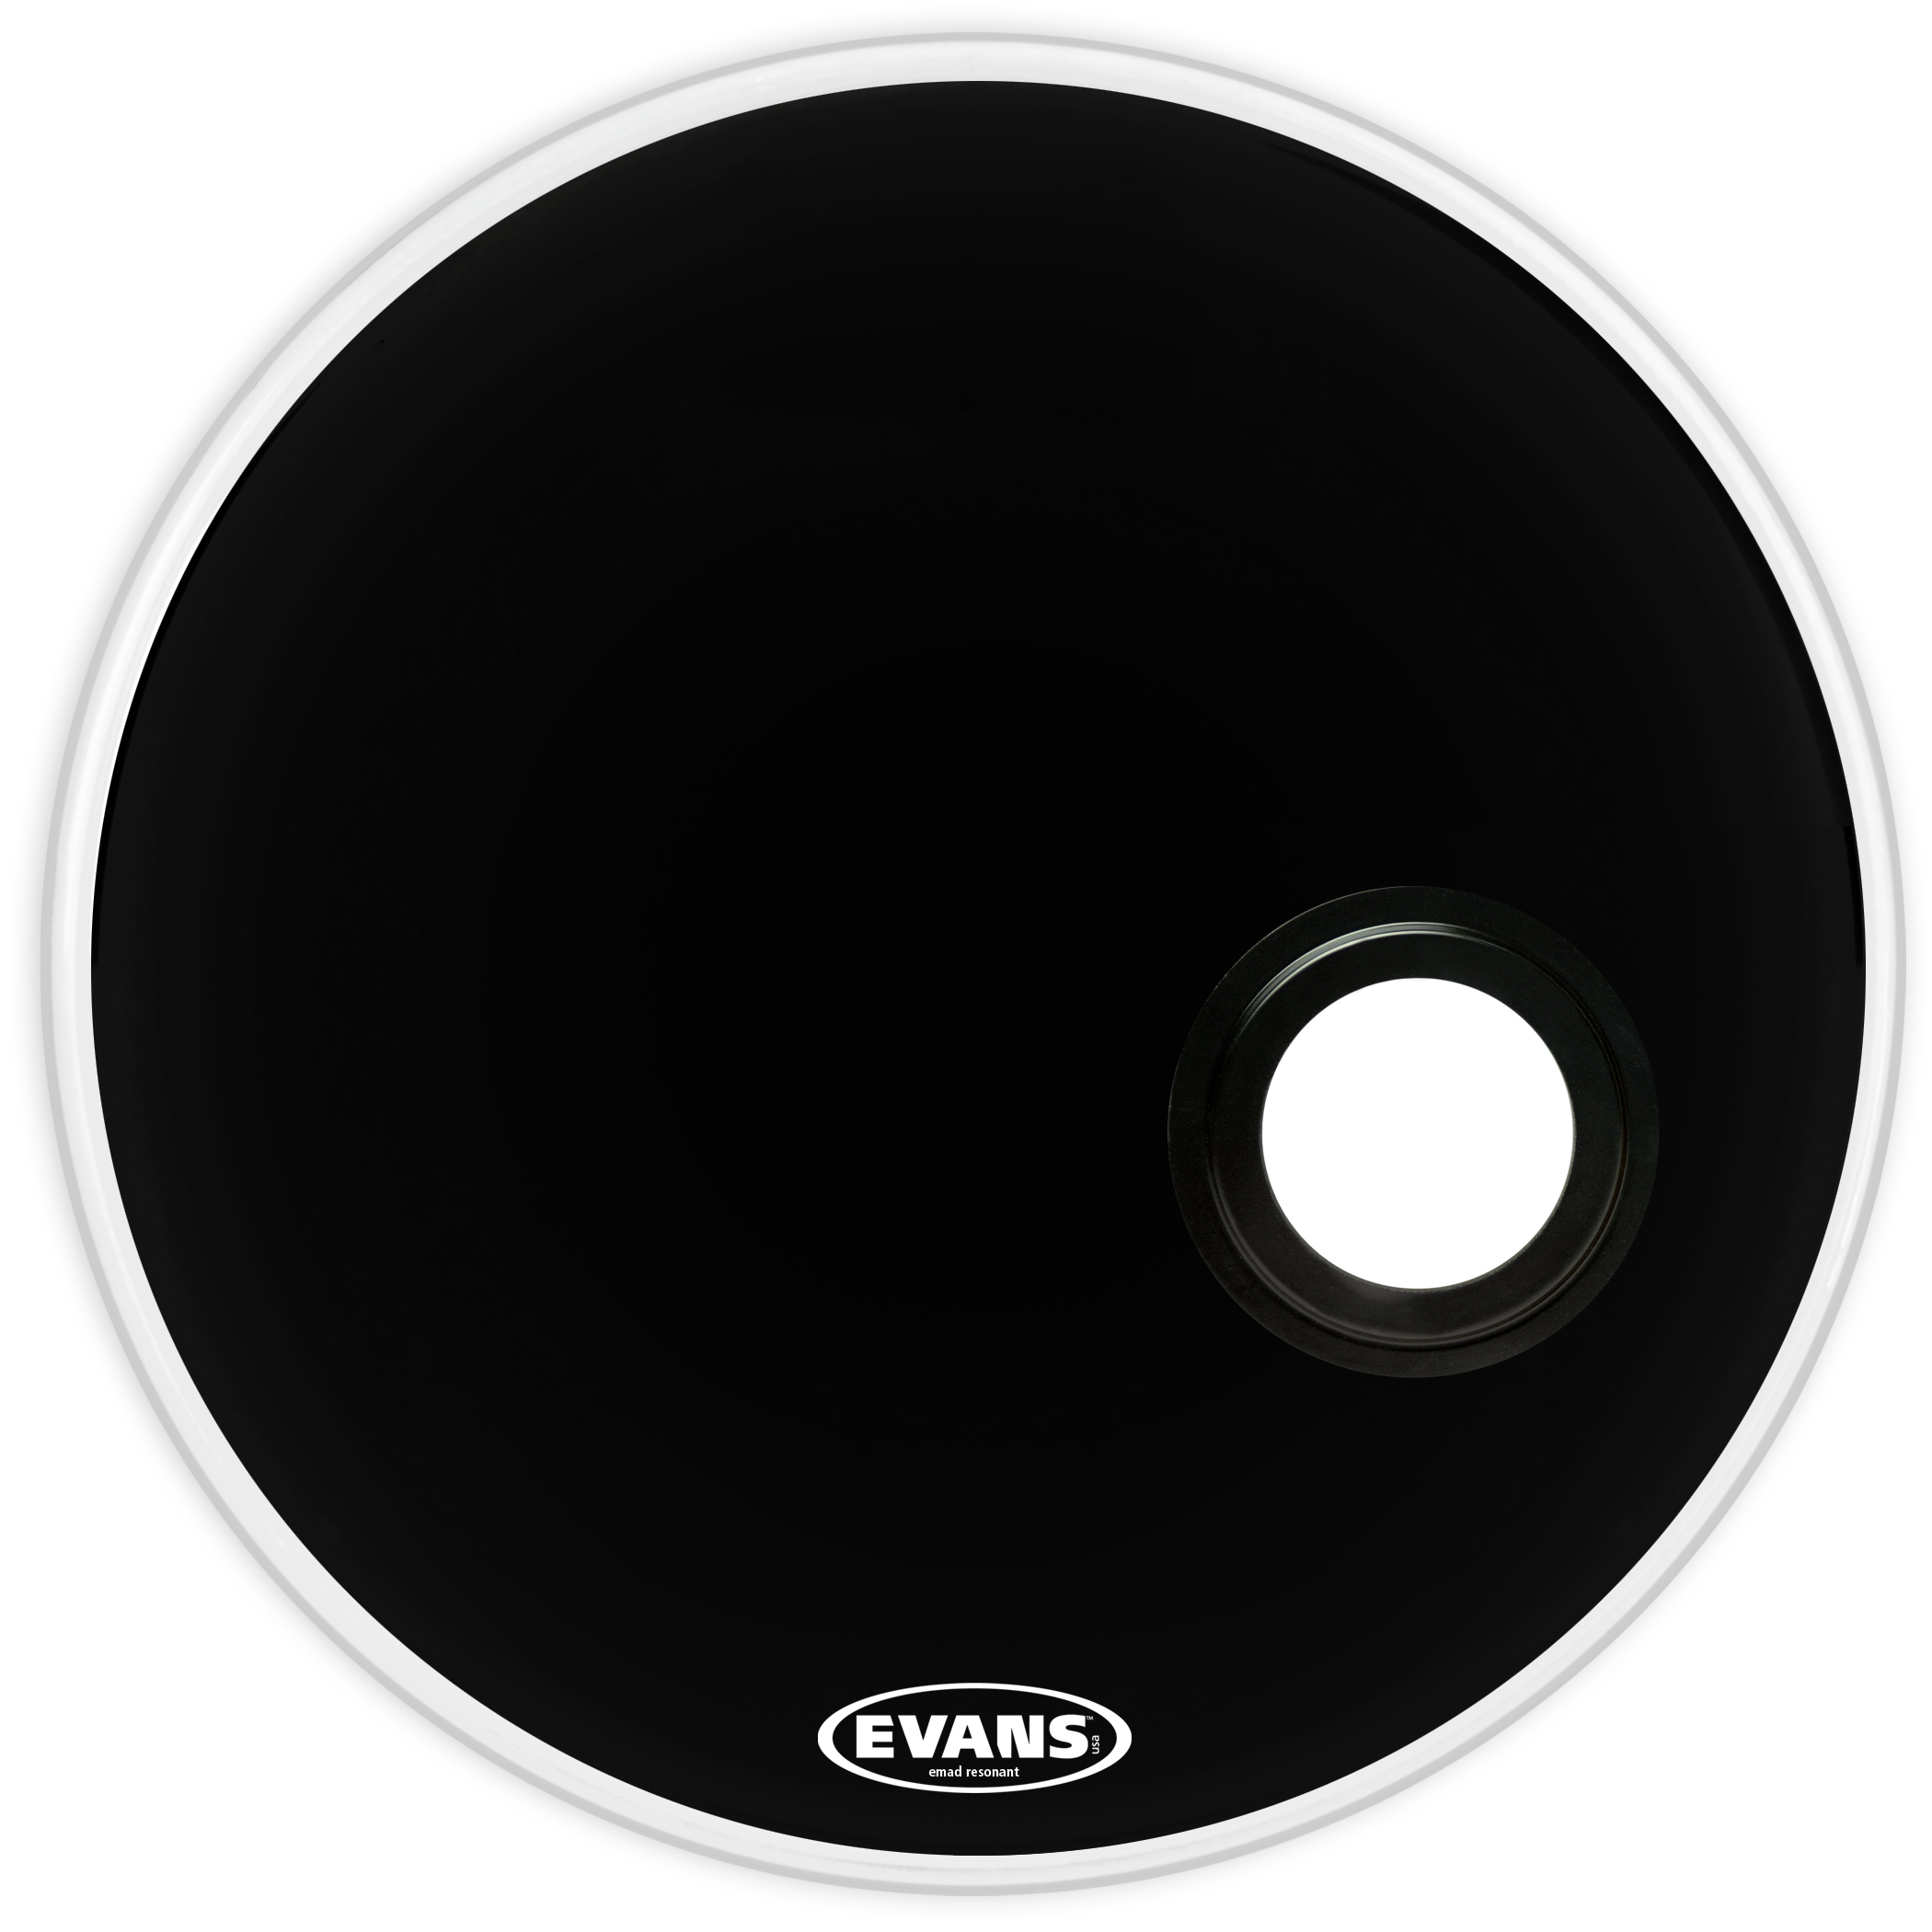 24 Evans REMAD Resonant Bass Drum Head 24 Inch